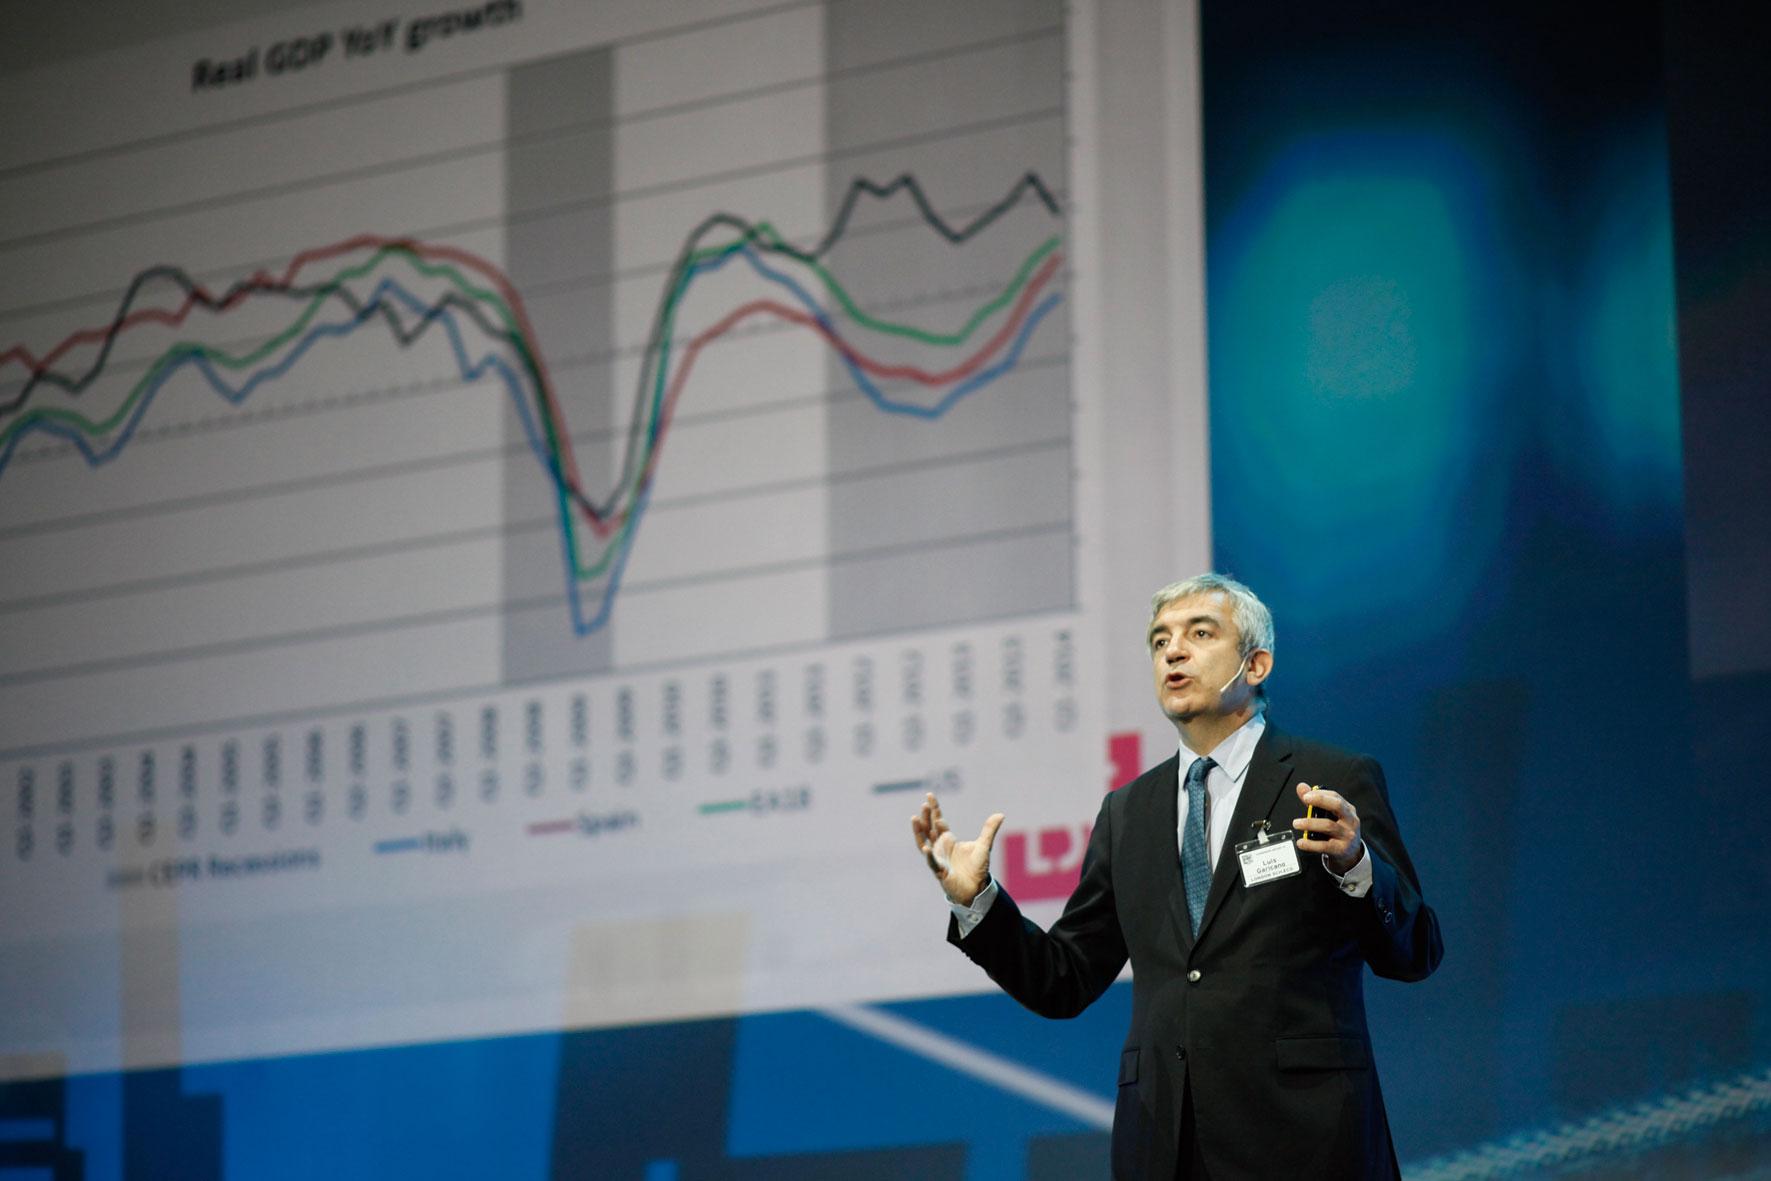 El economista Luis Garicano en el Congreso ECOC 2014.